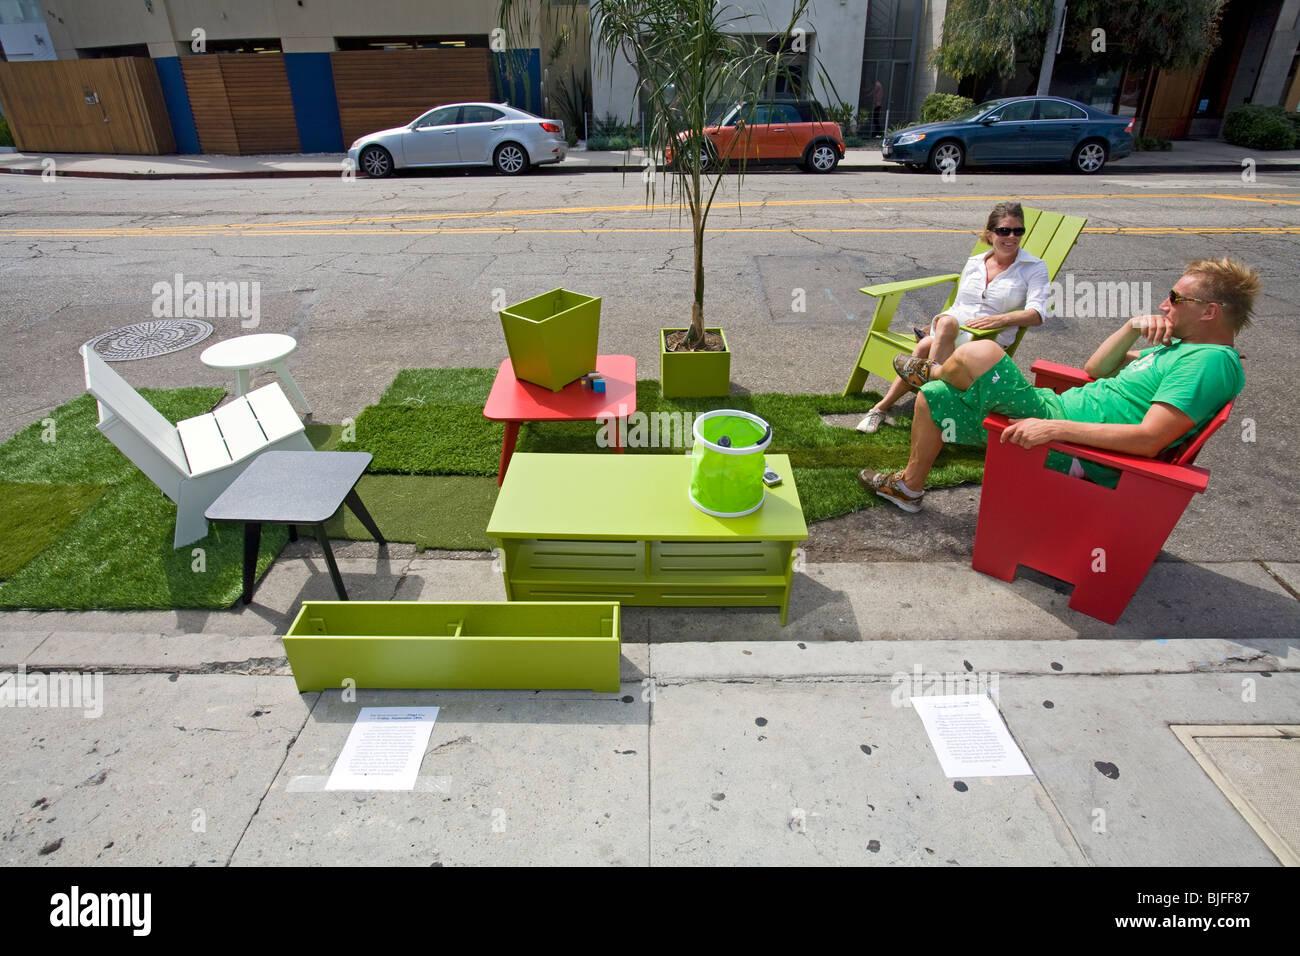 Terzo parco annuale[ing] GIORNO LA, Abbot Kinney Blvd, Venezia, Los Angles, California Immagini Stock